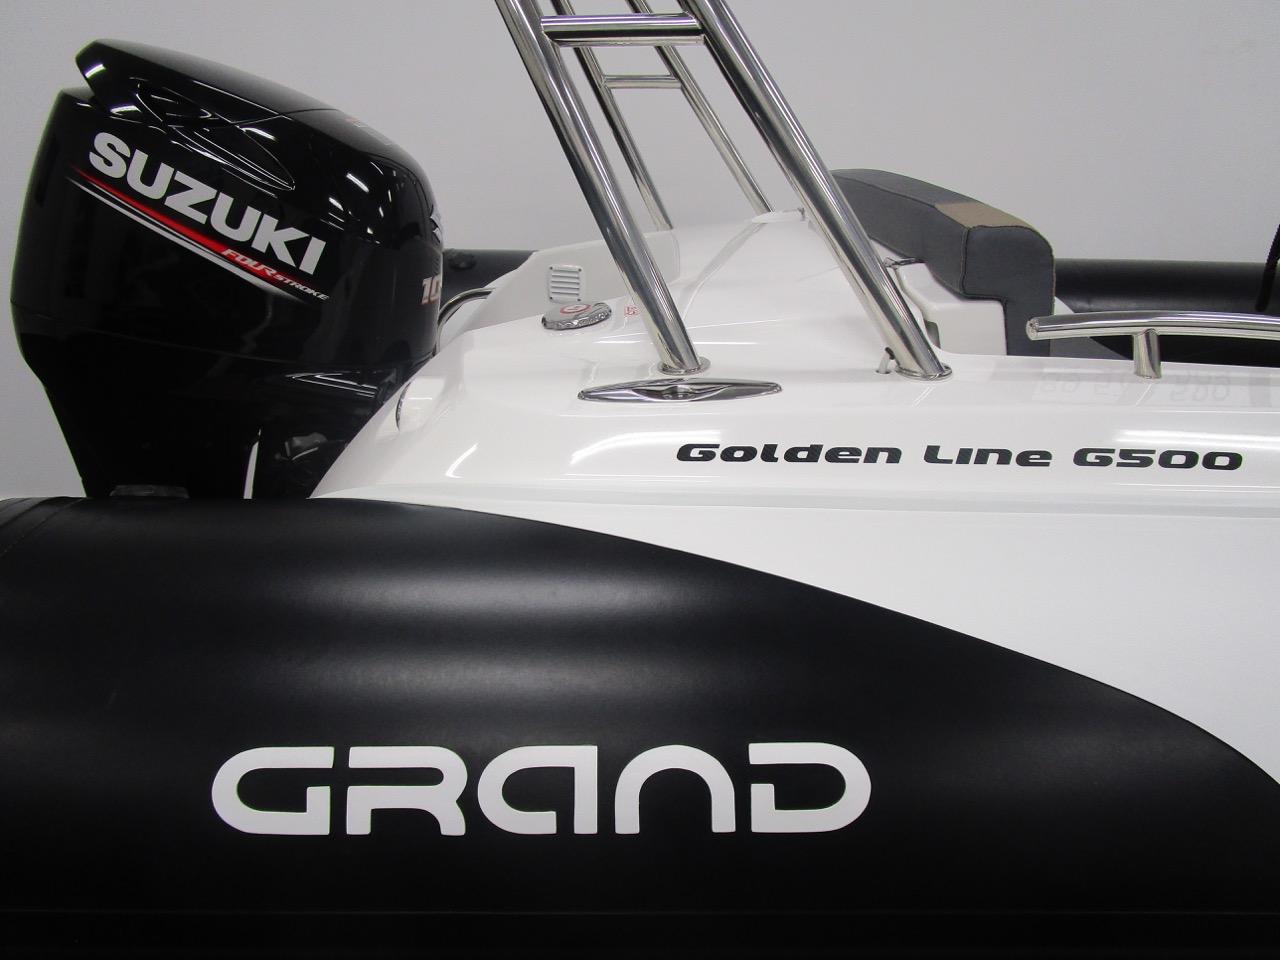 GRAND G500 RIB & Suzuki DF100BTL outboard